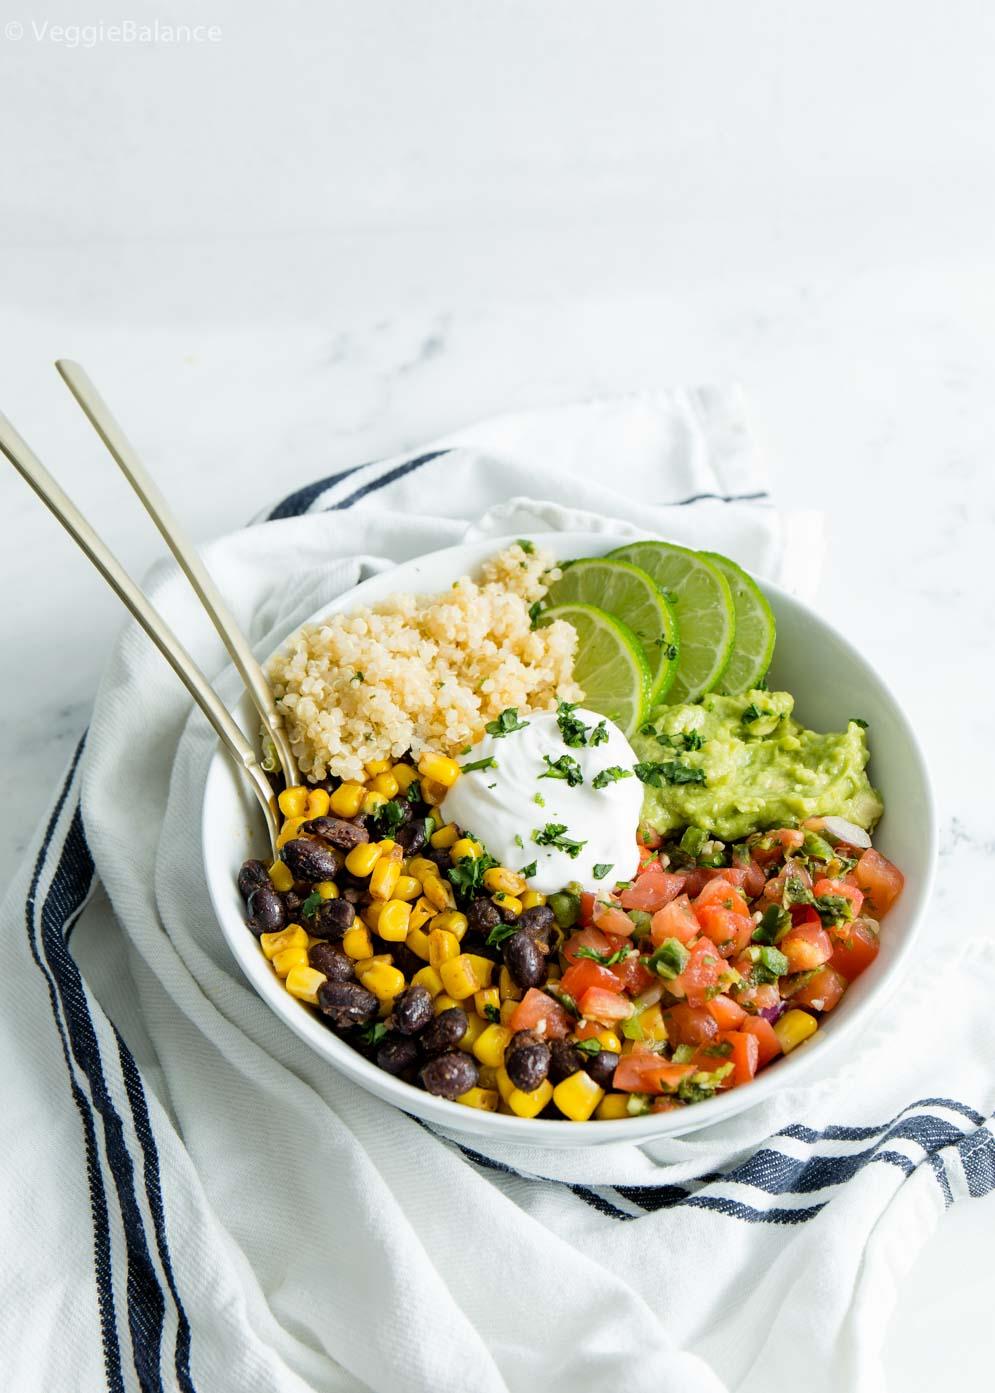 Easy Vegan Burrito Bowl with sour cream, cilantro lime quinoa